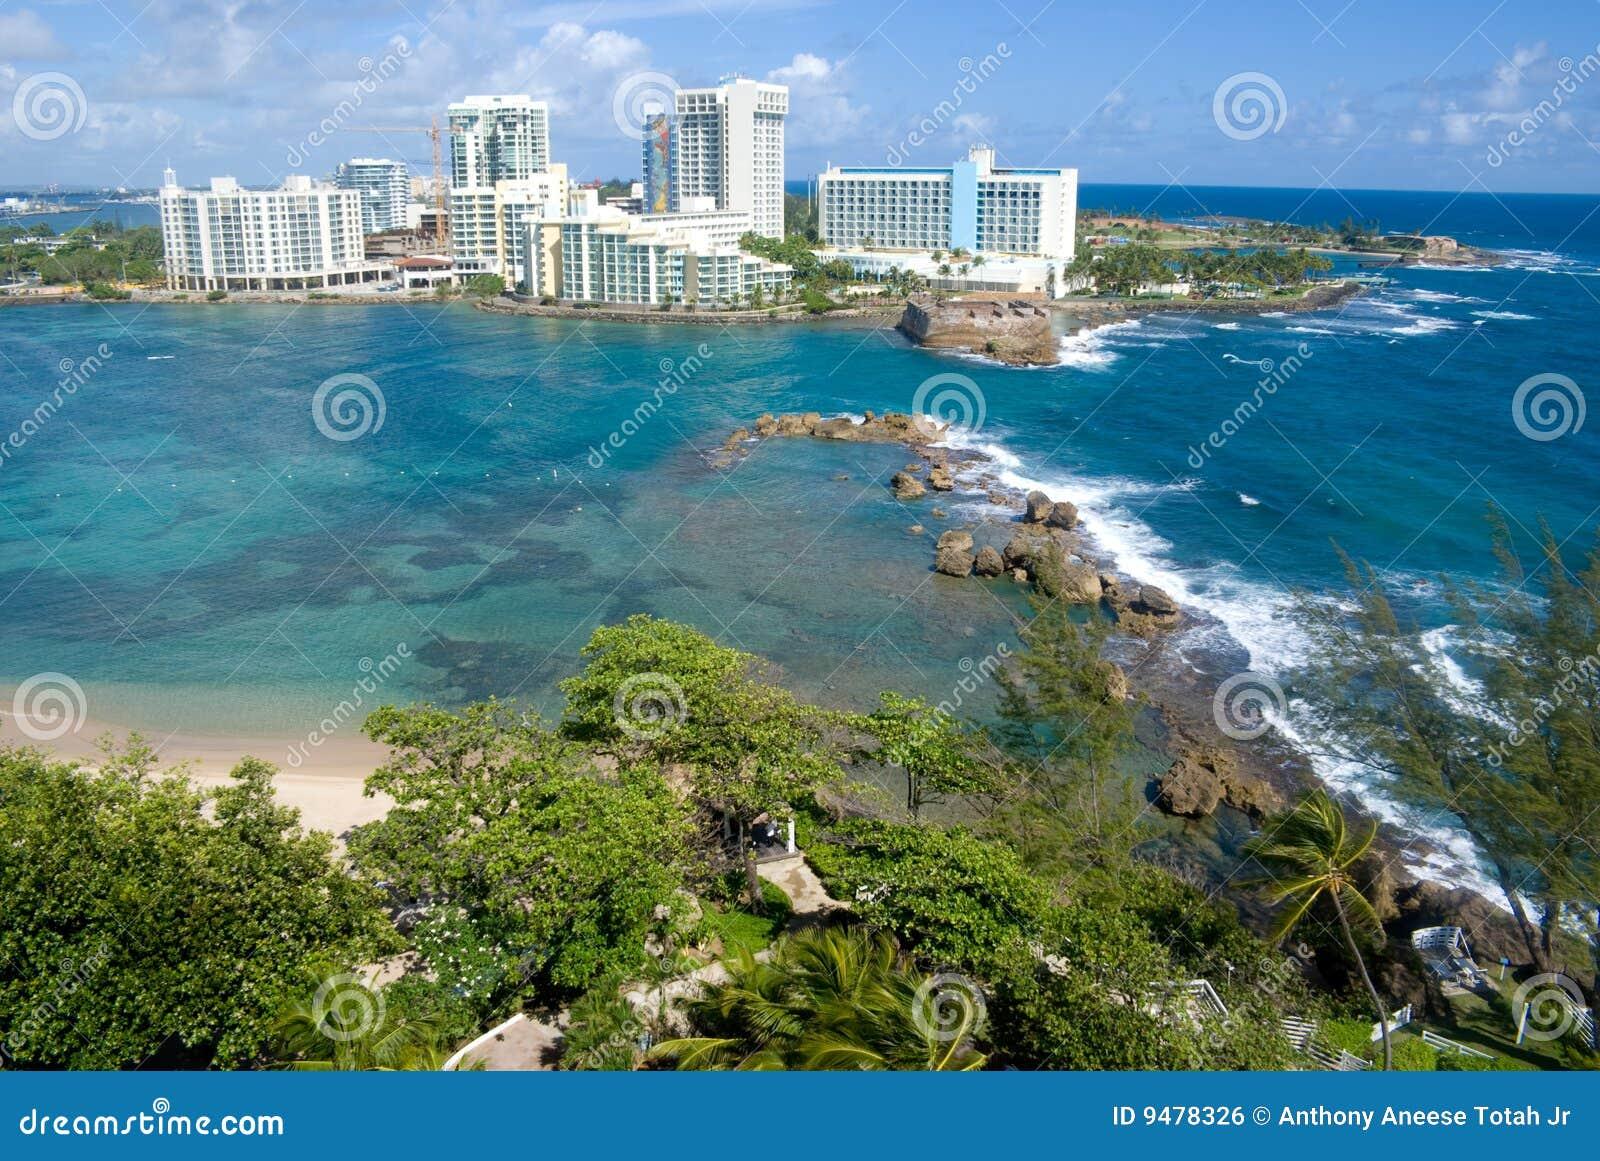 San Juan-municipio de Puerto Rico-datos y fotos